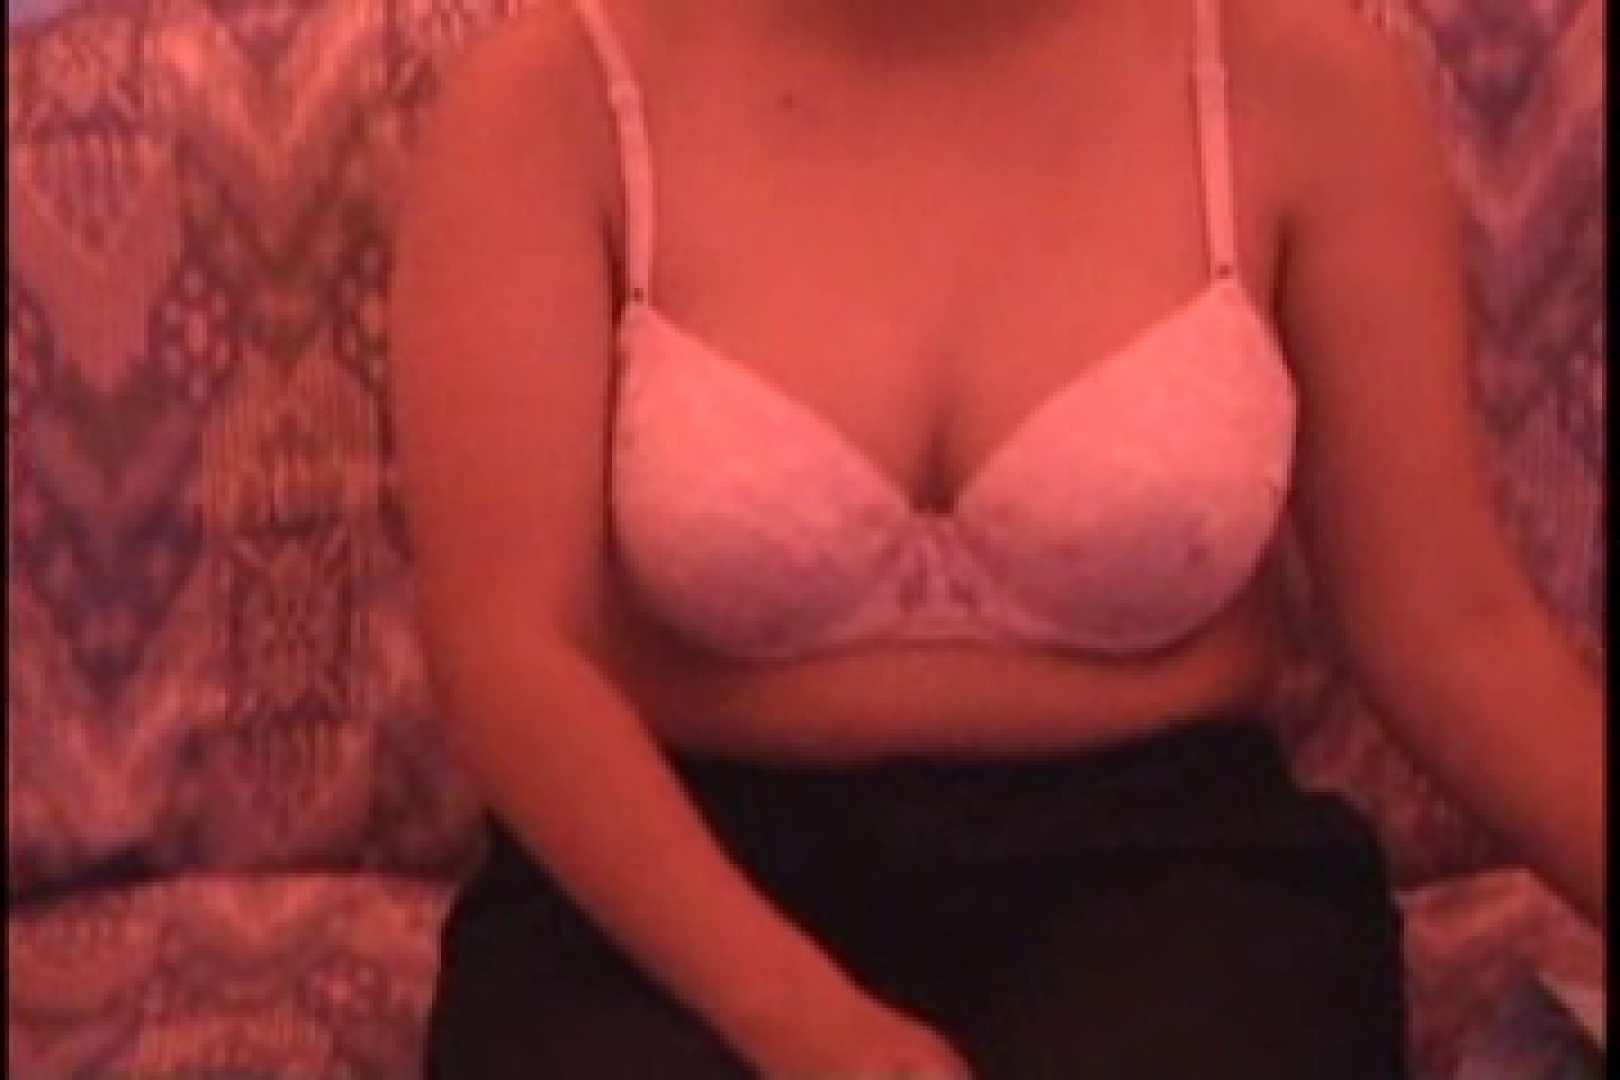 長野援助 かおりちゃん18歳 おっぱい  55pic 10